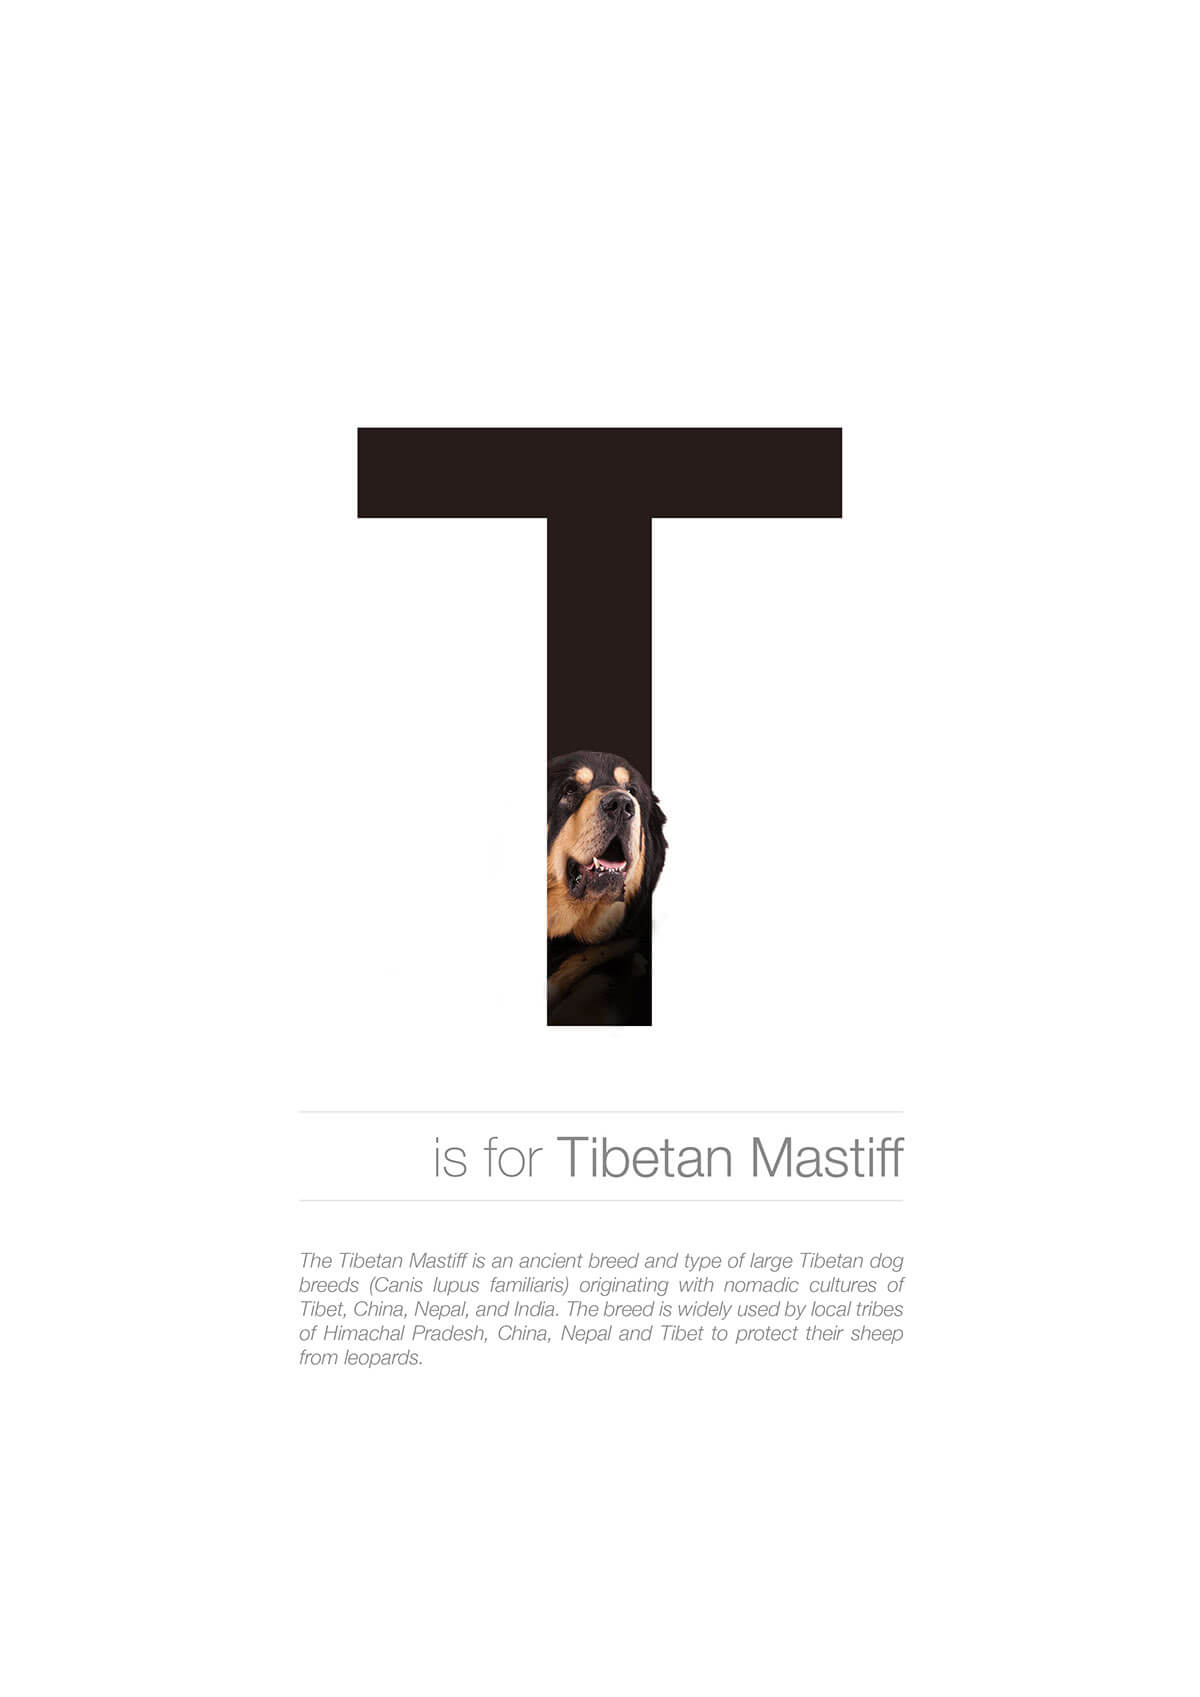 T ตัวอักษรกราฟฟิค A Z สายพันธุ์หมาไอเดียน่ารักจากดีไซน์เนอร์โรมาเนีย